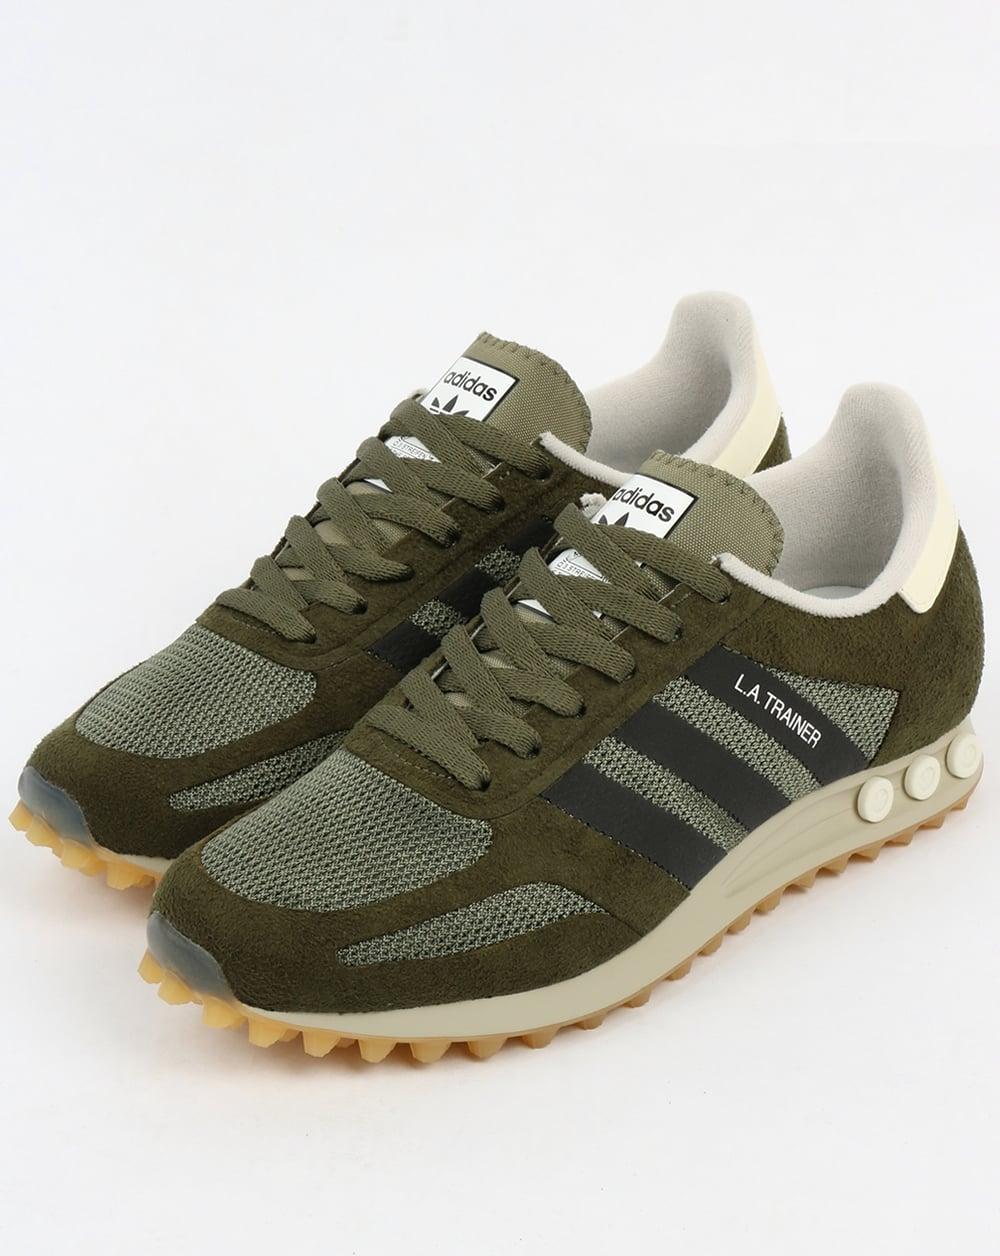 adidas la trainer og st major green black trainers mens running peg. Black Bedroom Furniture Sets. Home Design Ideas